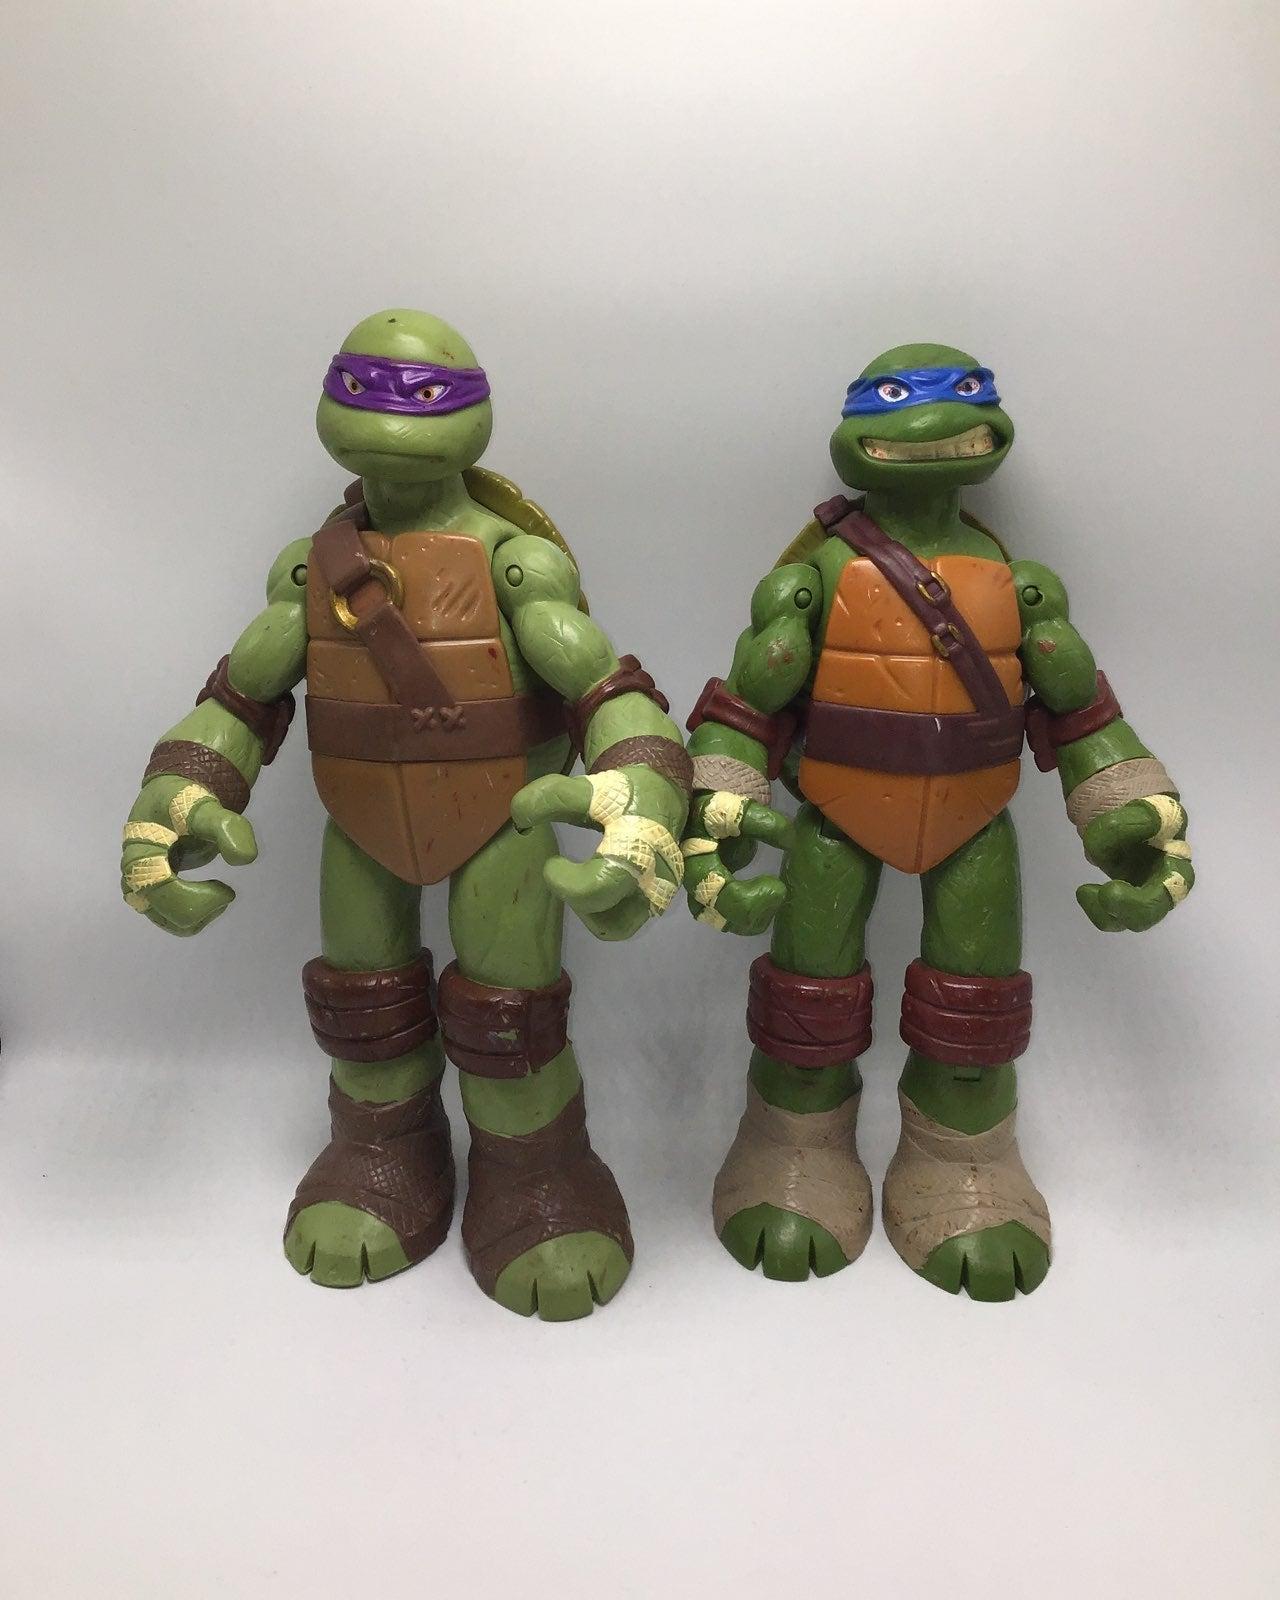 Teenage Mutant Ninja Turtles Action Figu